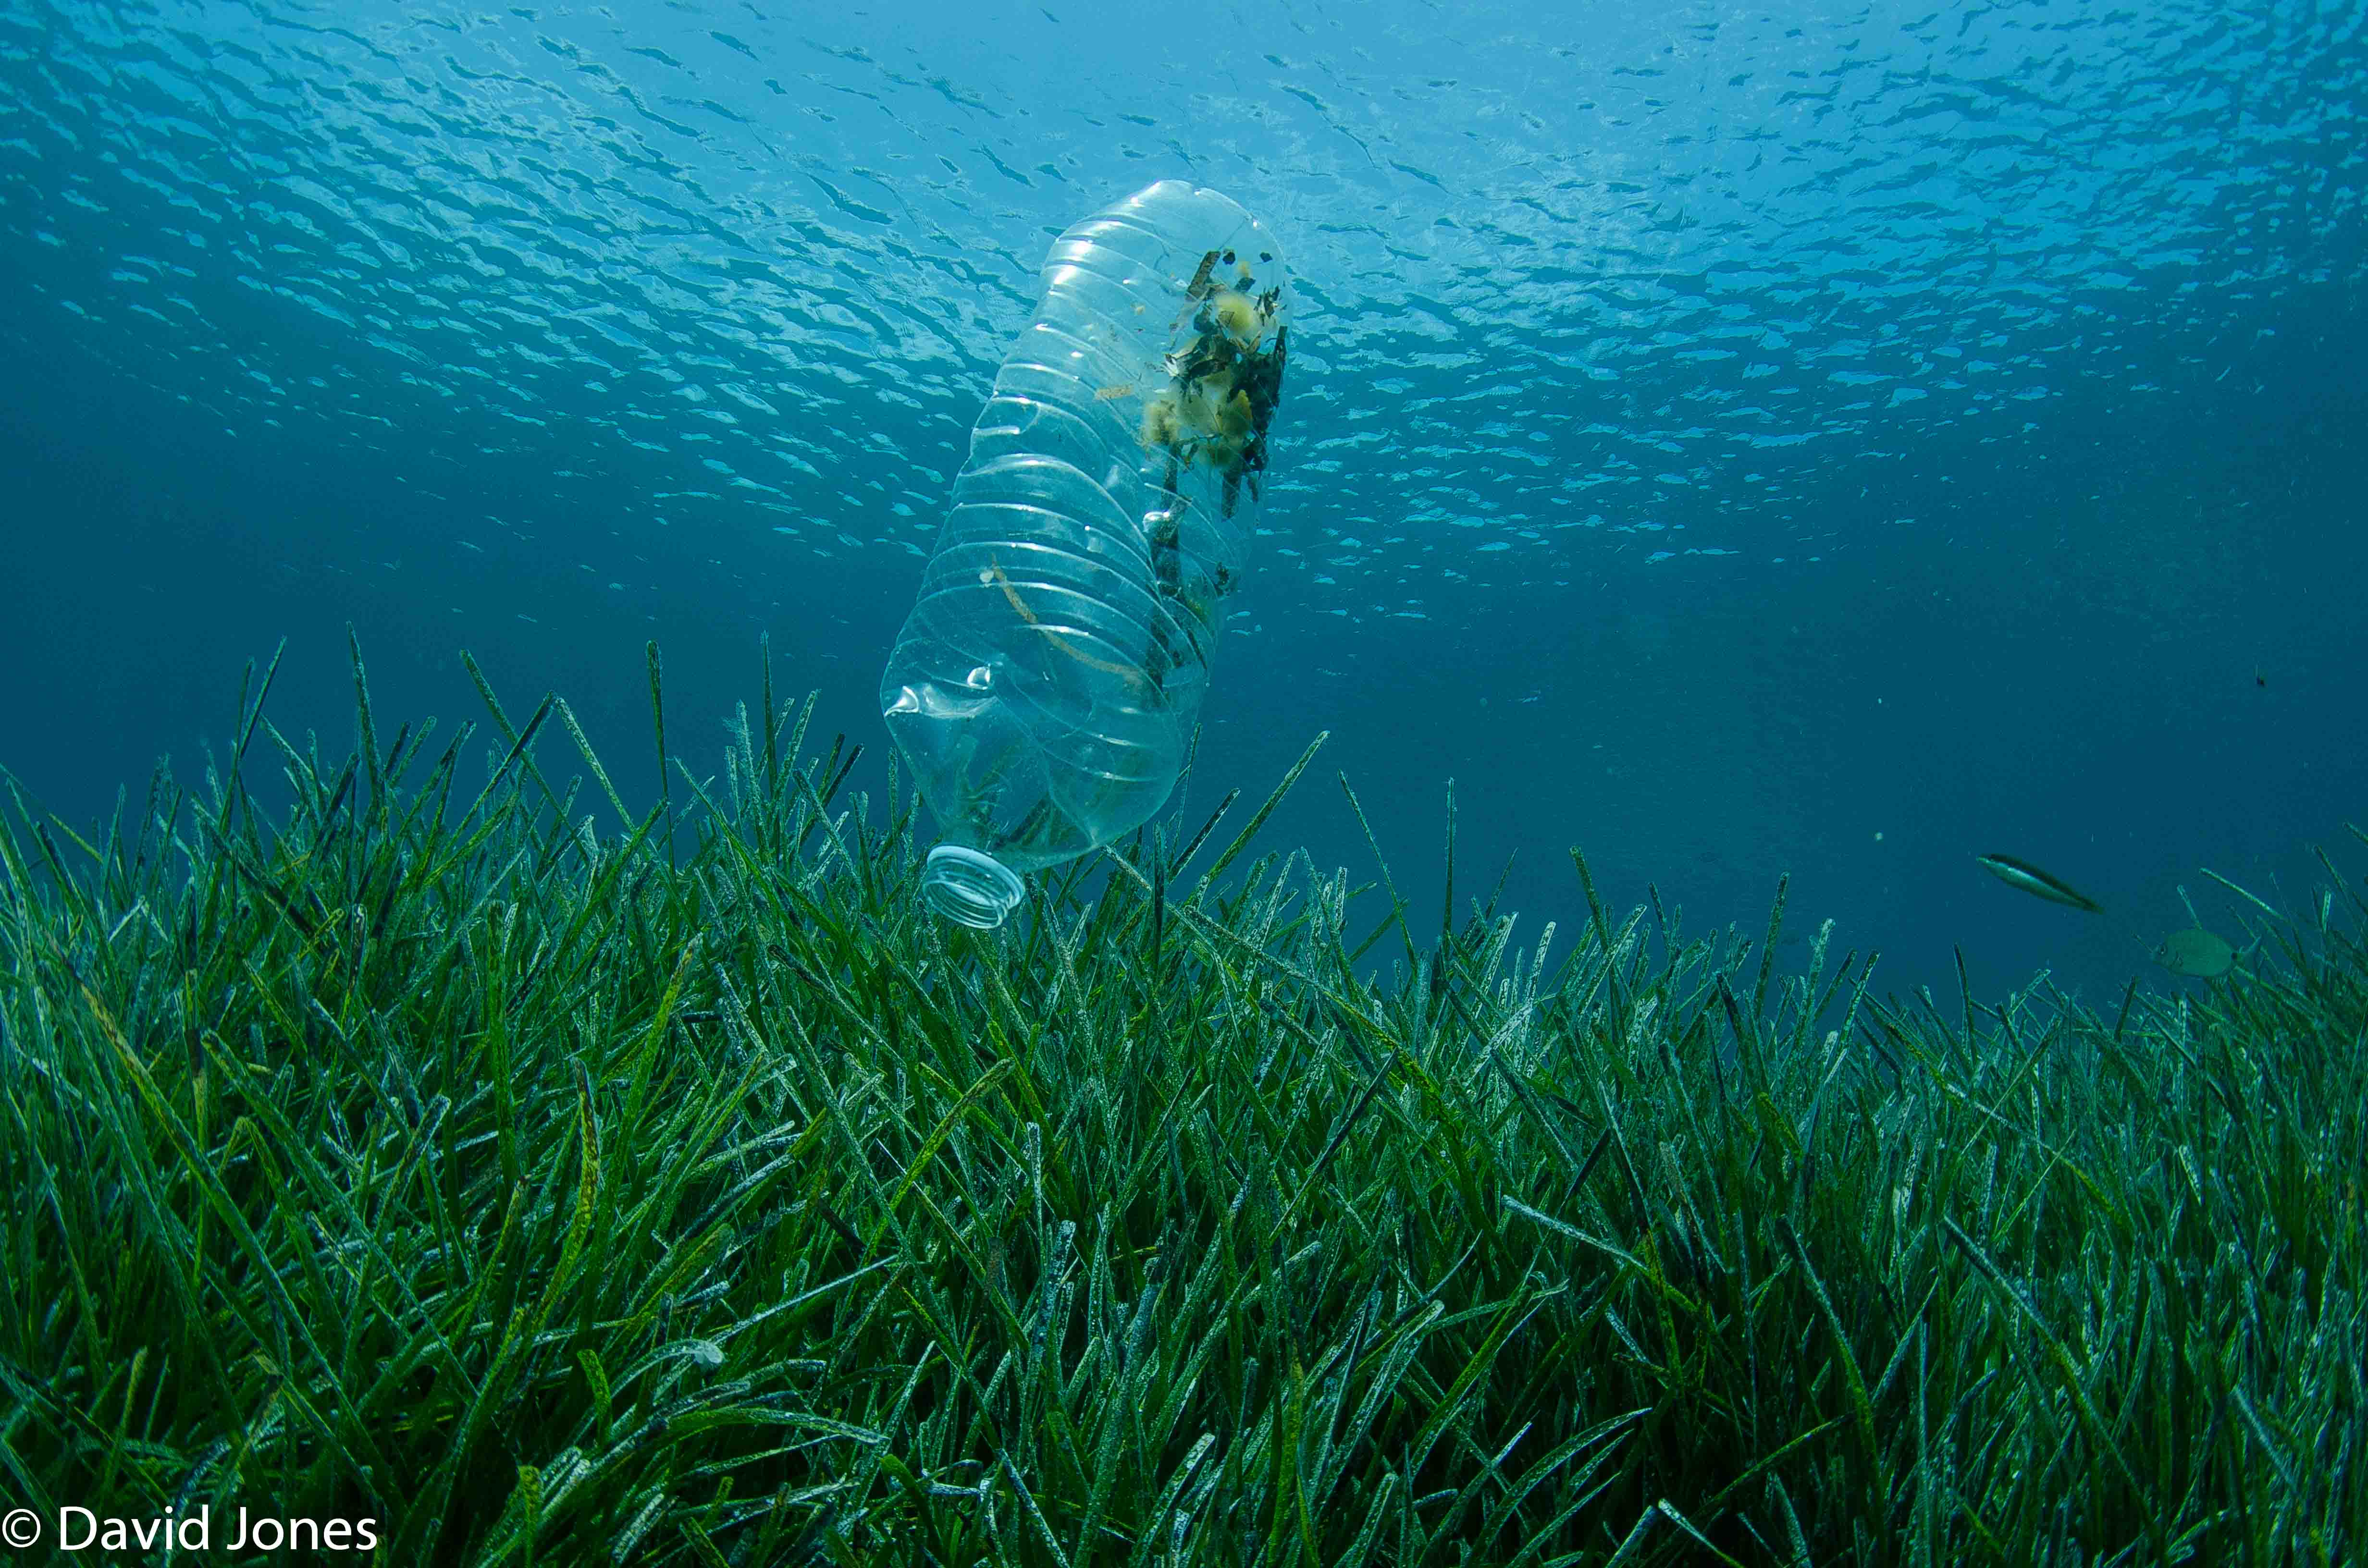 A plastic bottle floats in the ocean